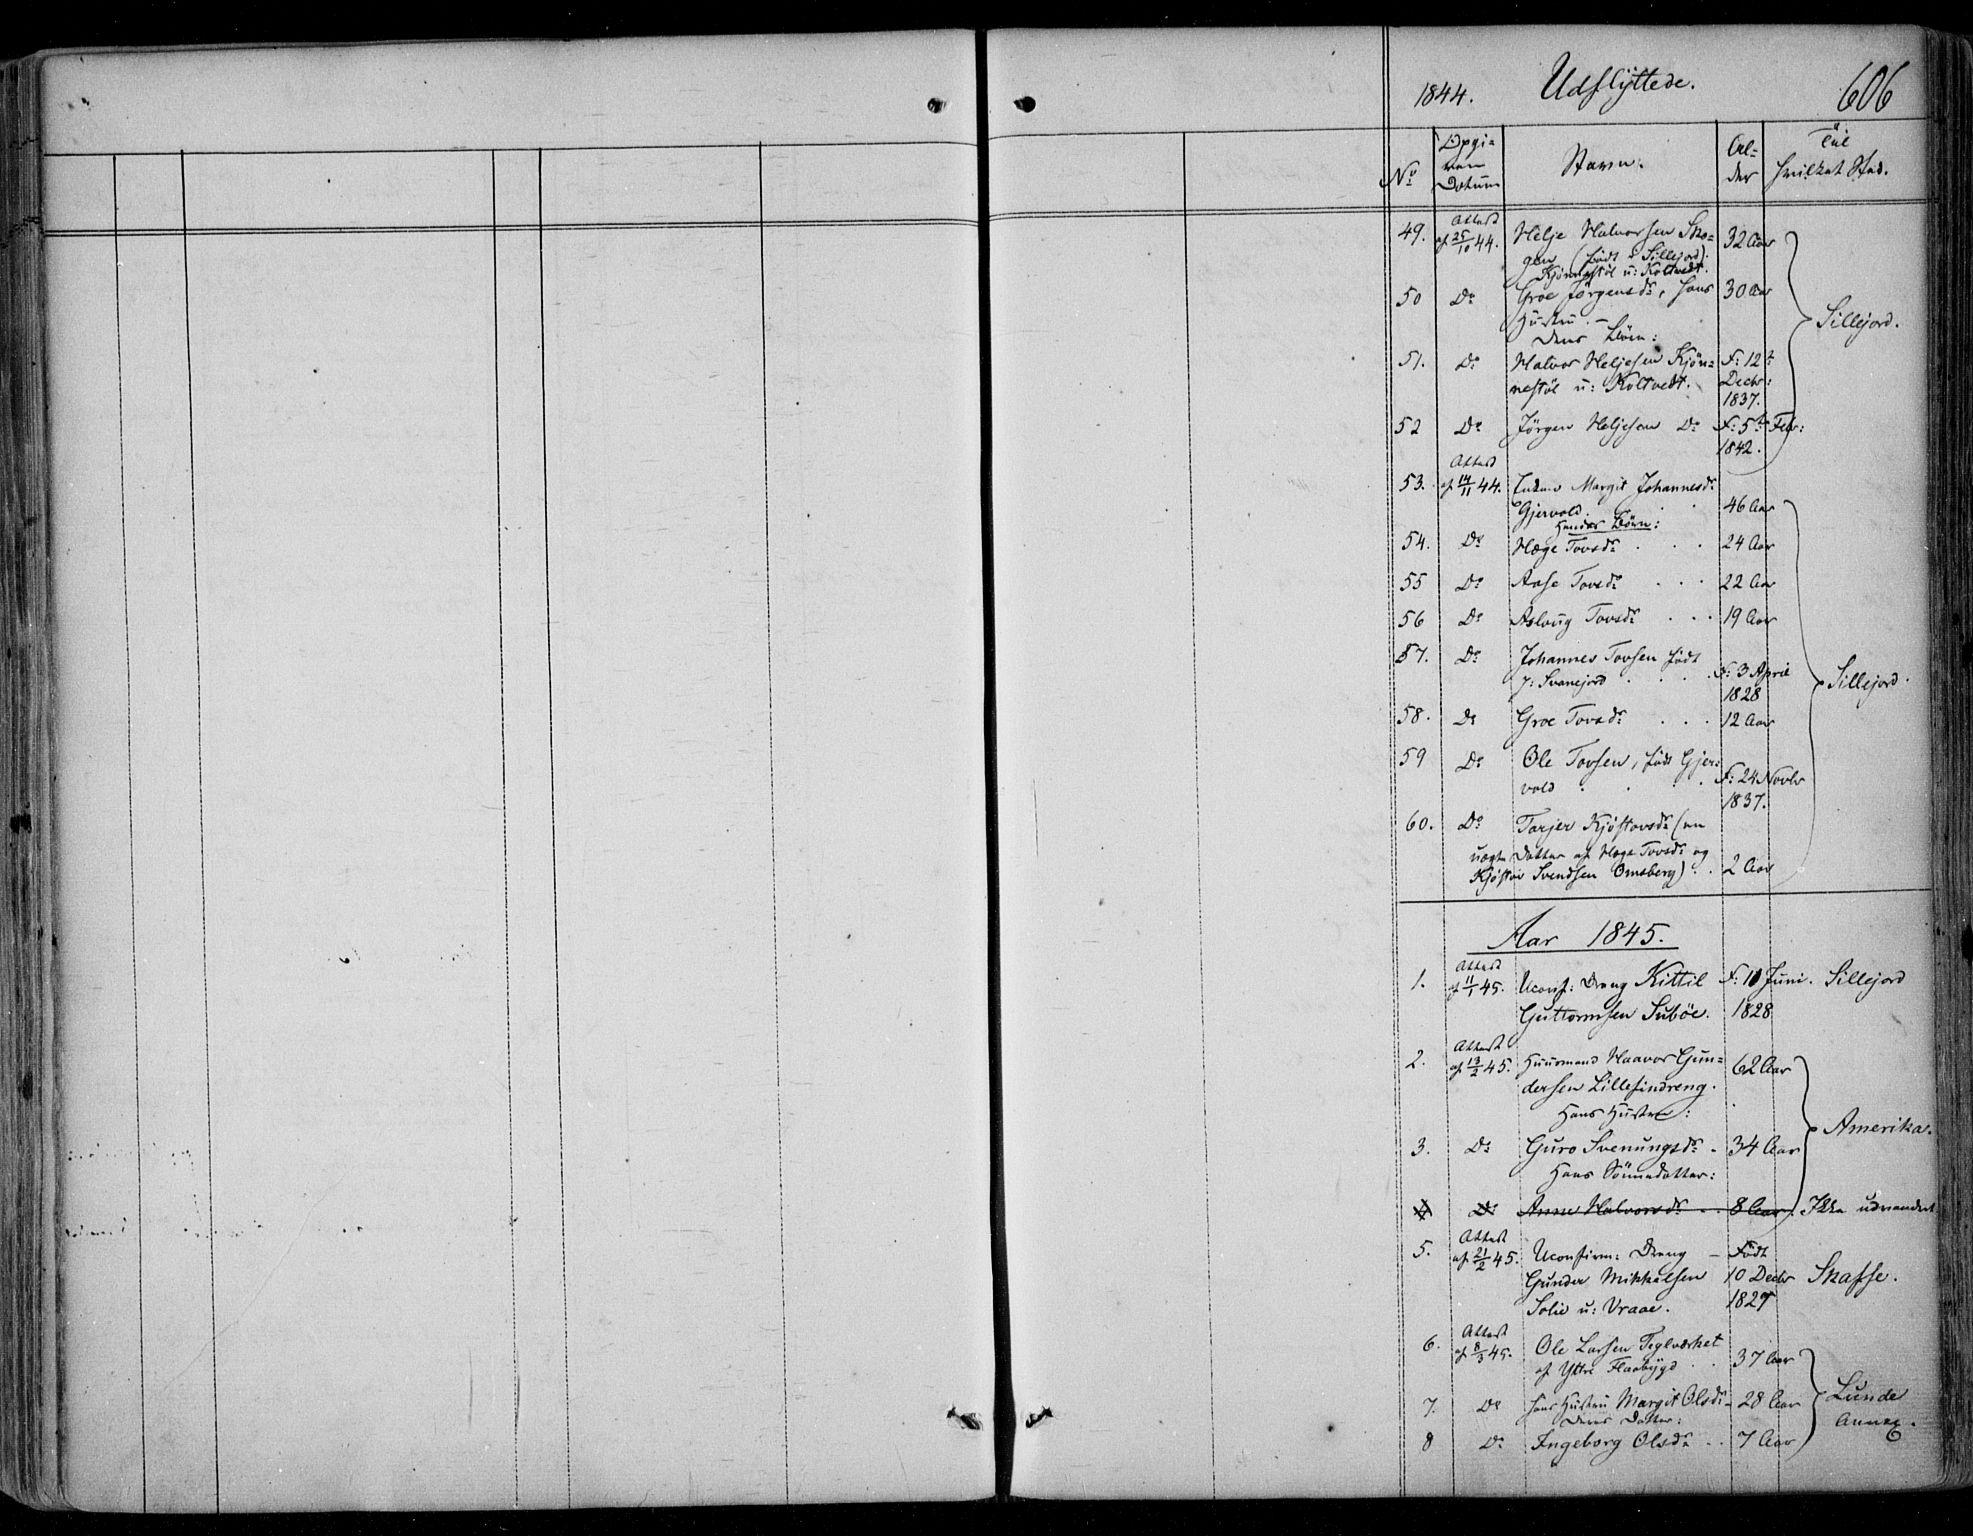 SAKO, Kviteseid kirkebøker, F/Fa/L0006: Ministerialbok nr. I 6, 1836-1858, s. 606